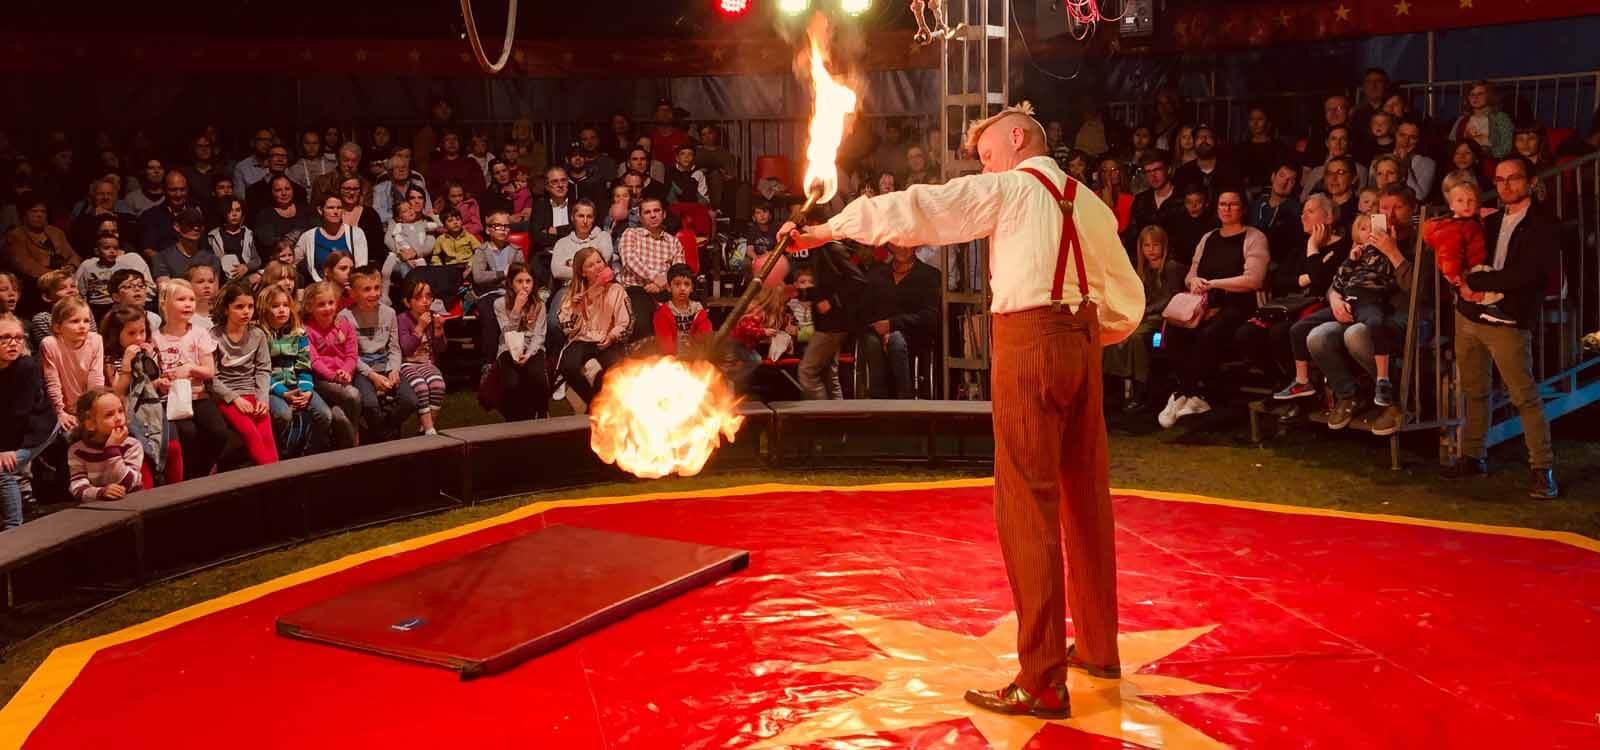 brennende Fackelstange Zirkus im Koffer